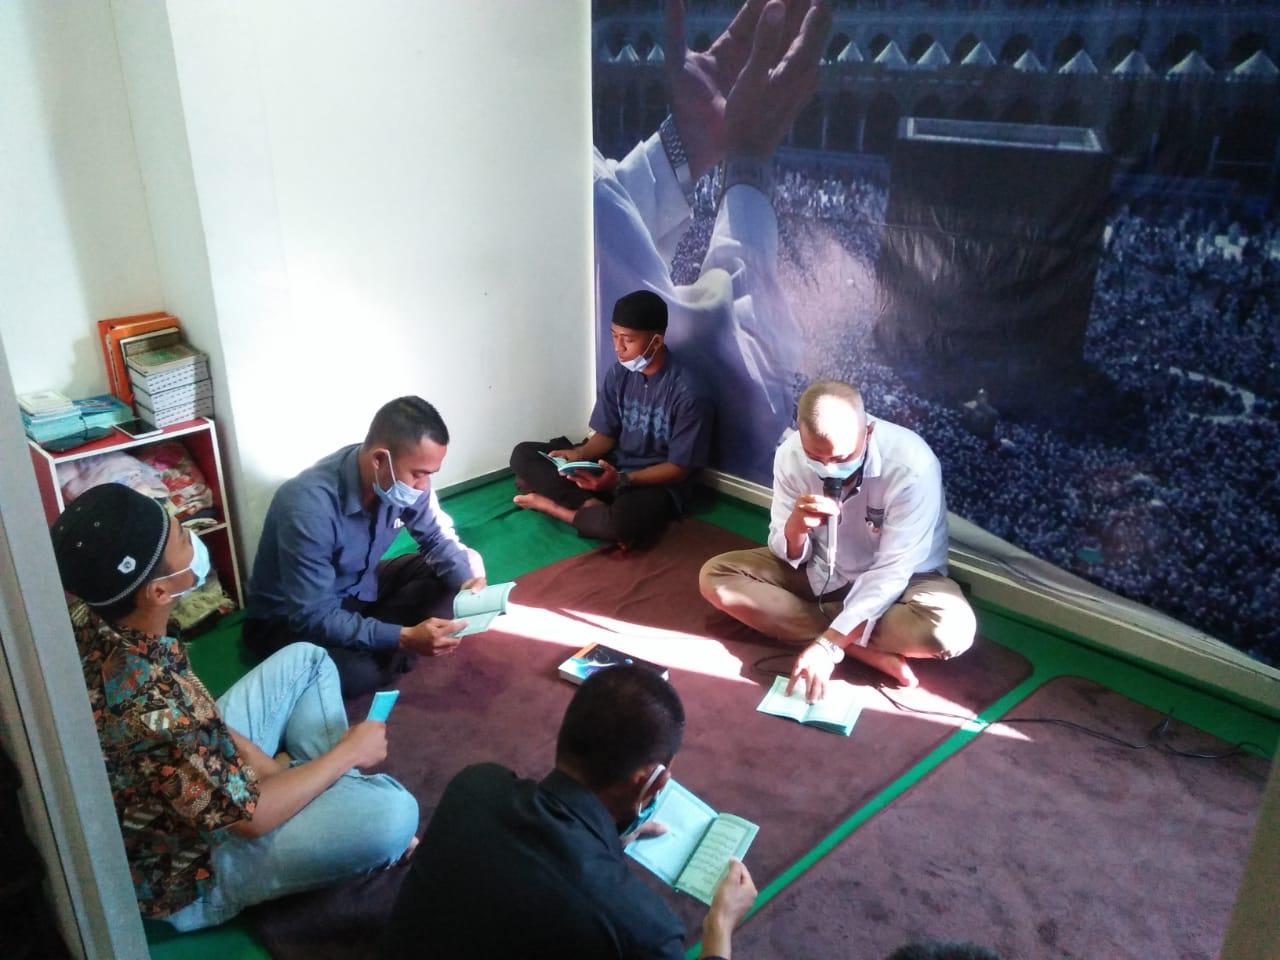 Read more about the article Tingkatkan Keimanan dan Giat Positif, PTP Ajak Satpamnya Yasinan & Doa Bersama